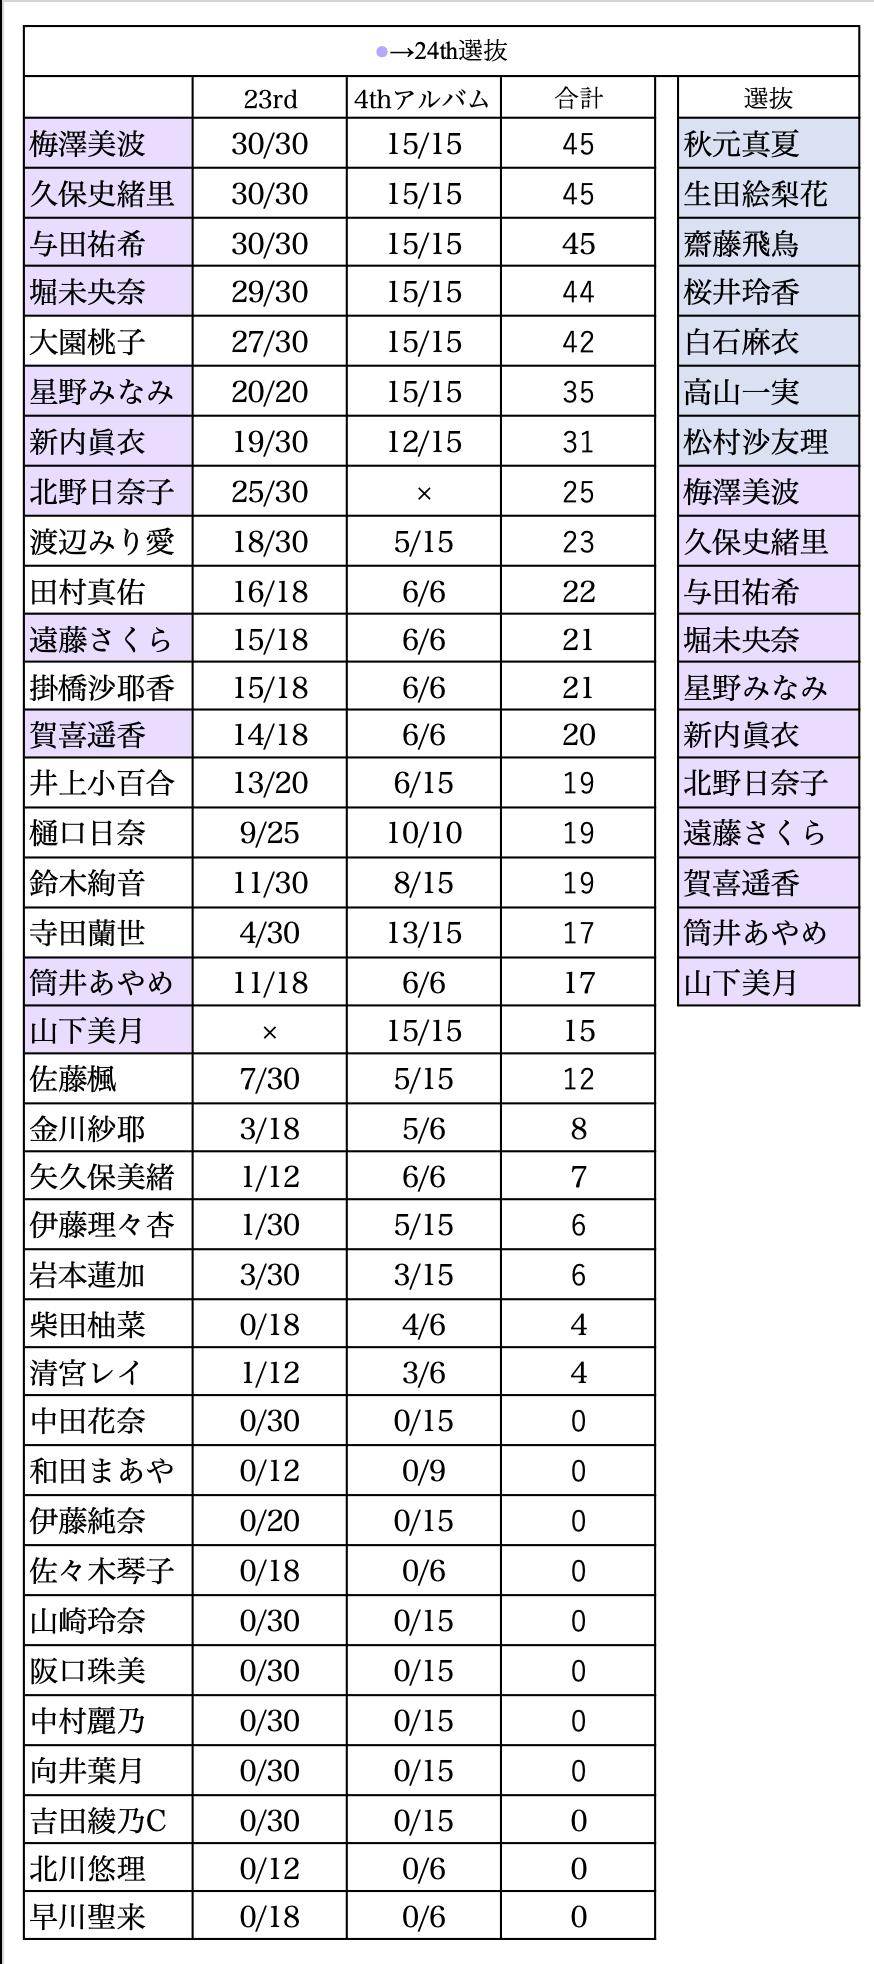 乃木坂46 23rdと4thアルバムの2次完売